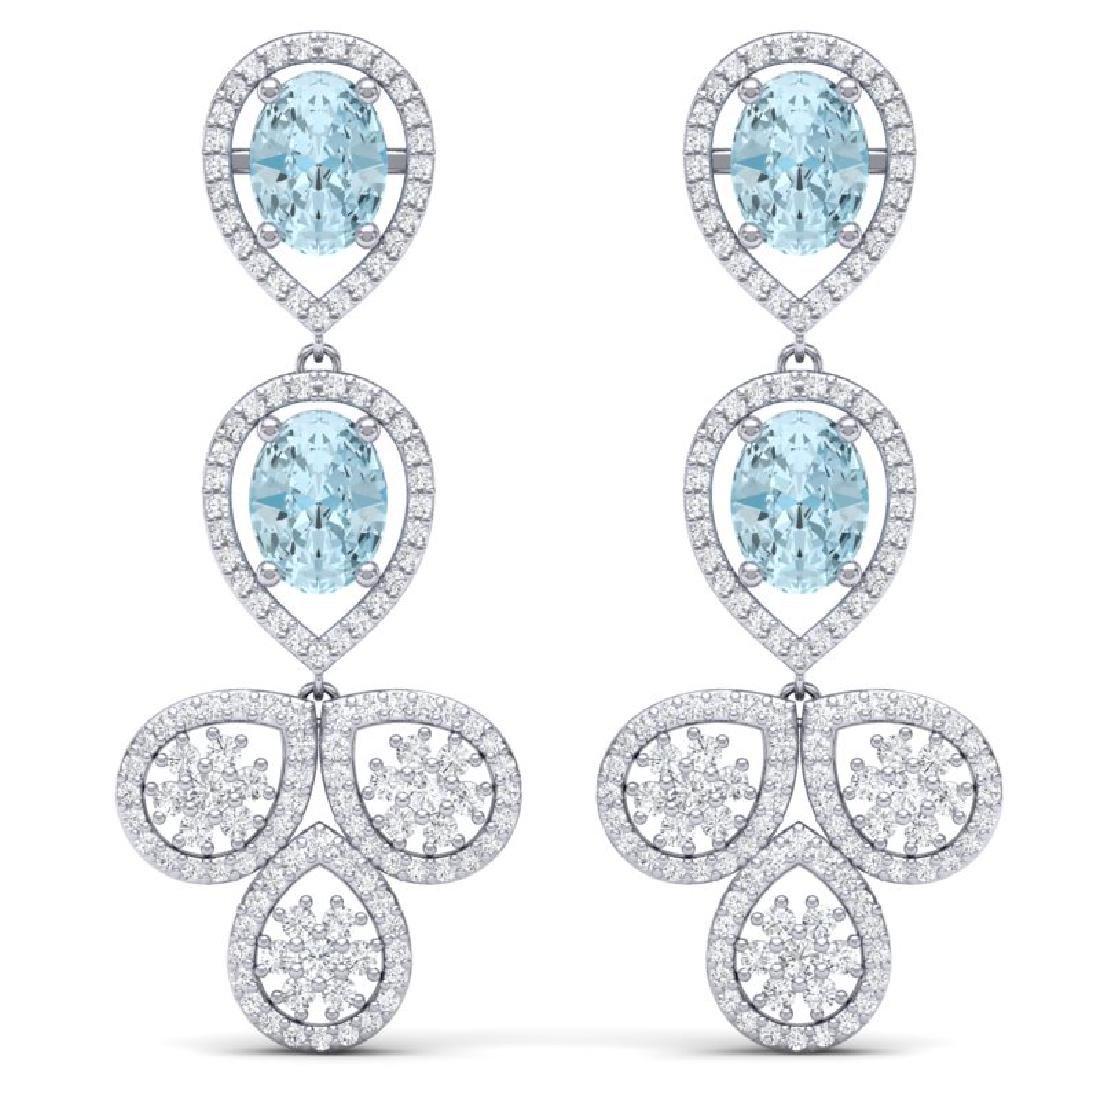 9.55 CTW Royalty Sky Topaz & VS Diamond Earrings 18K